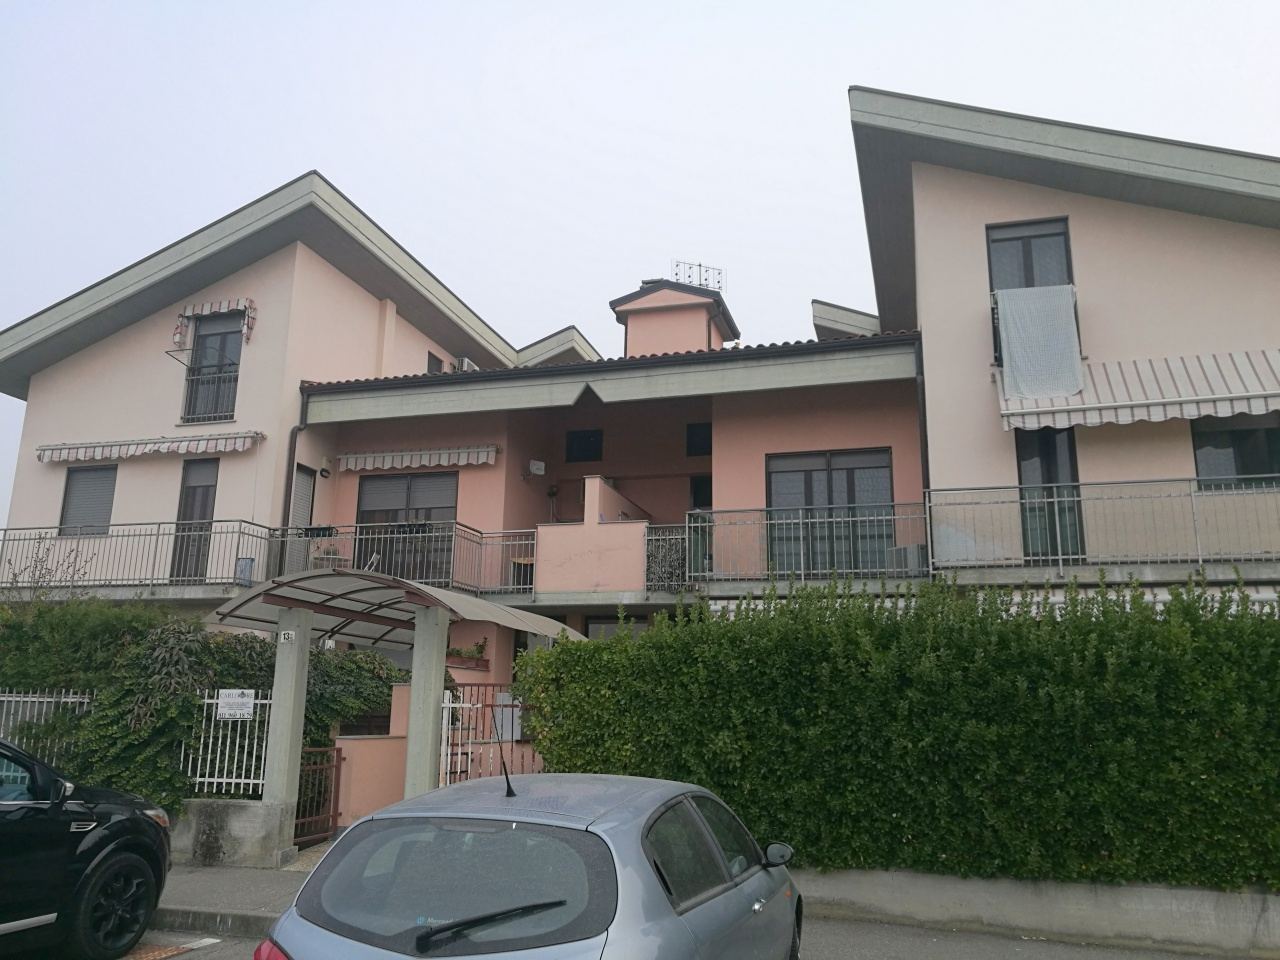 Appartamento in vendita a Verolengo, 3 locali, prezzo € 62.000 | CambioCasa.it